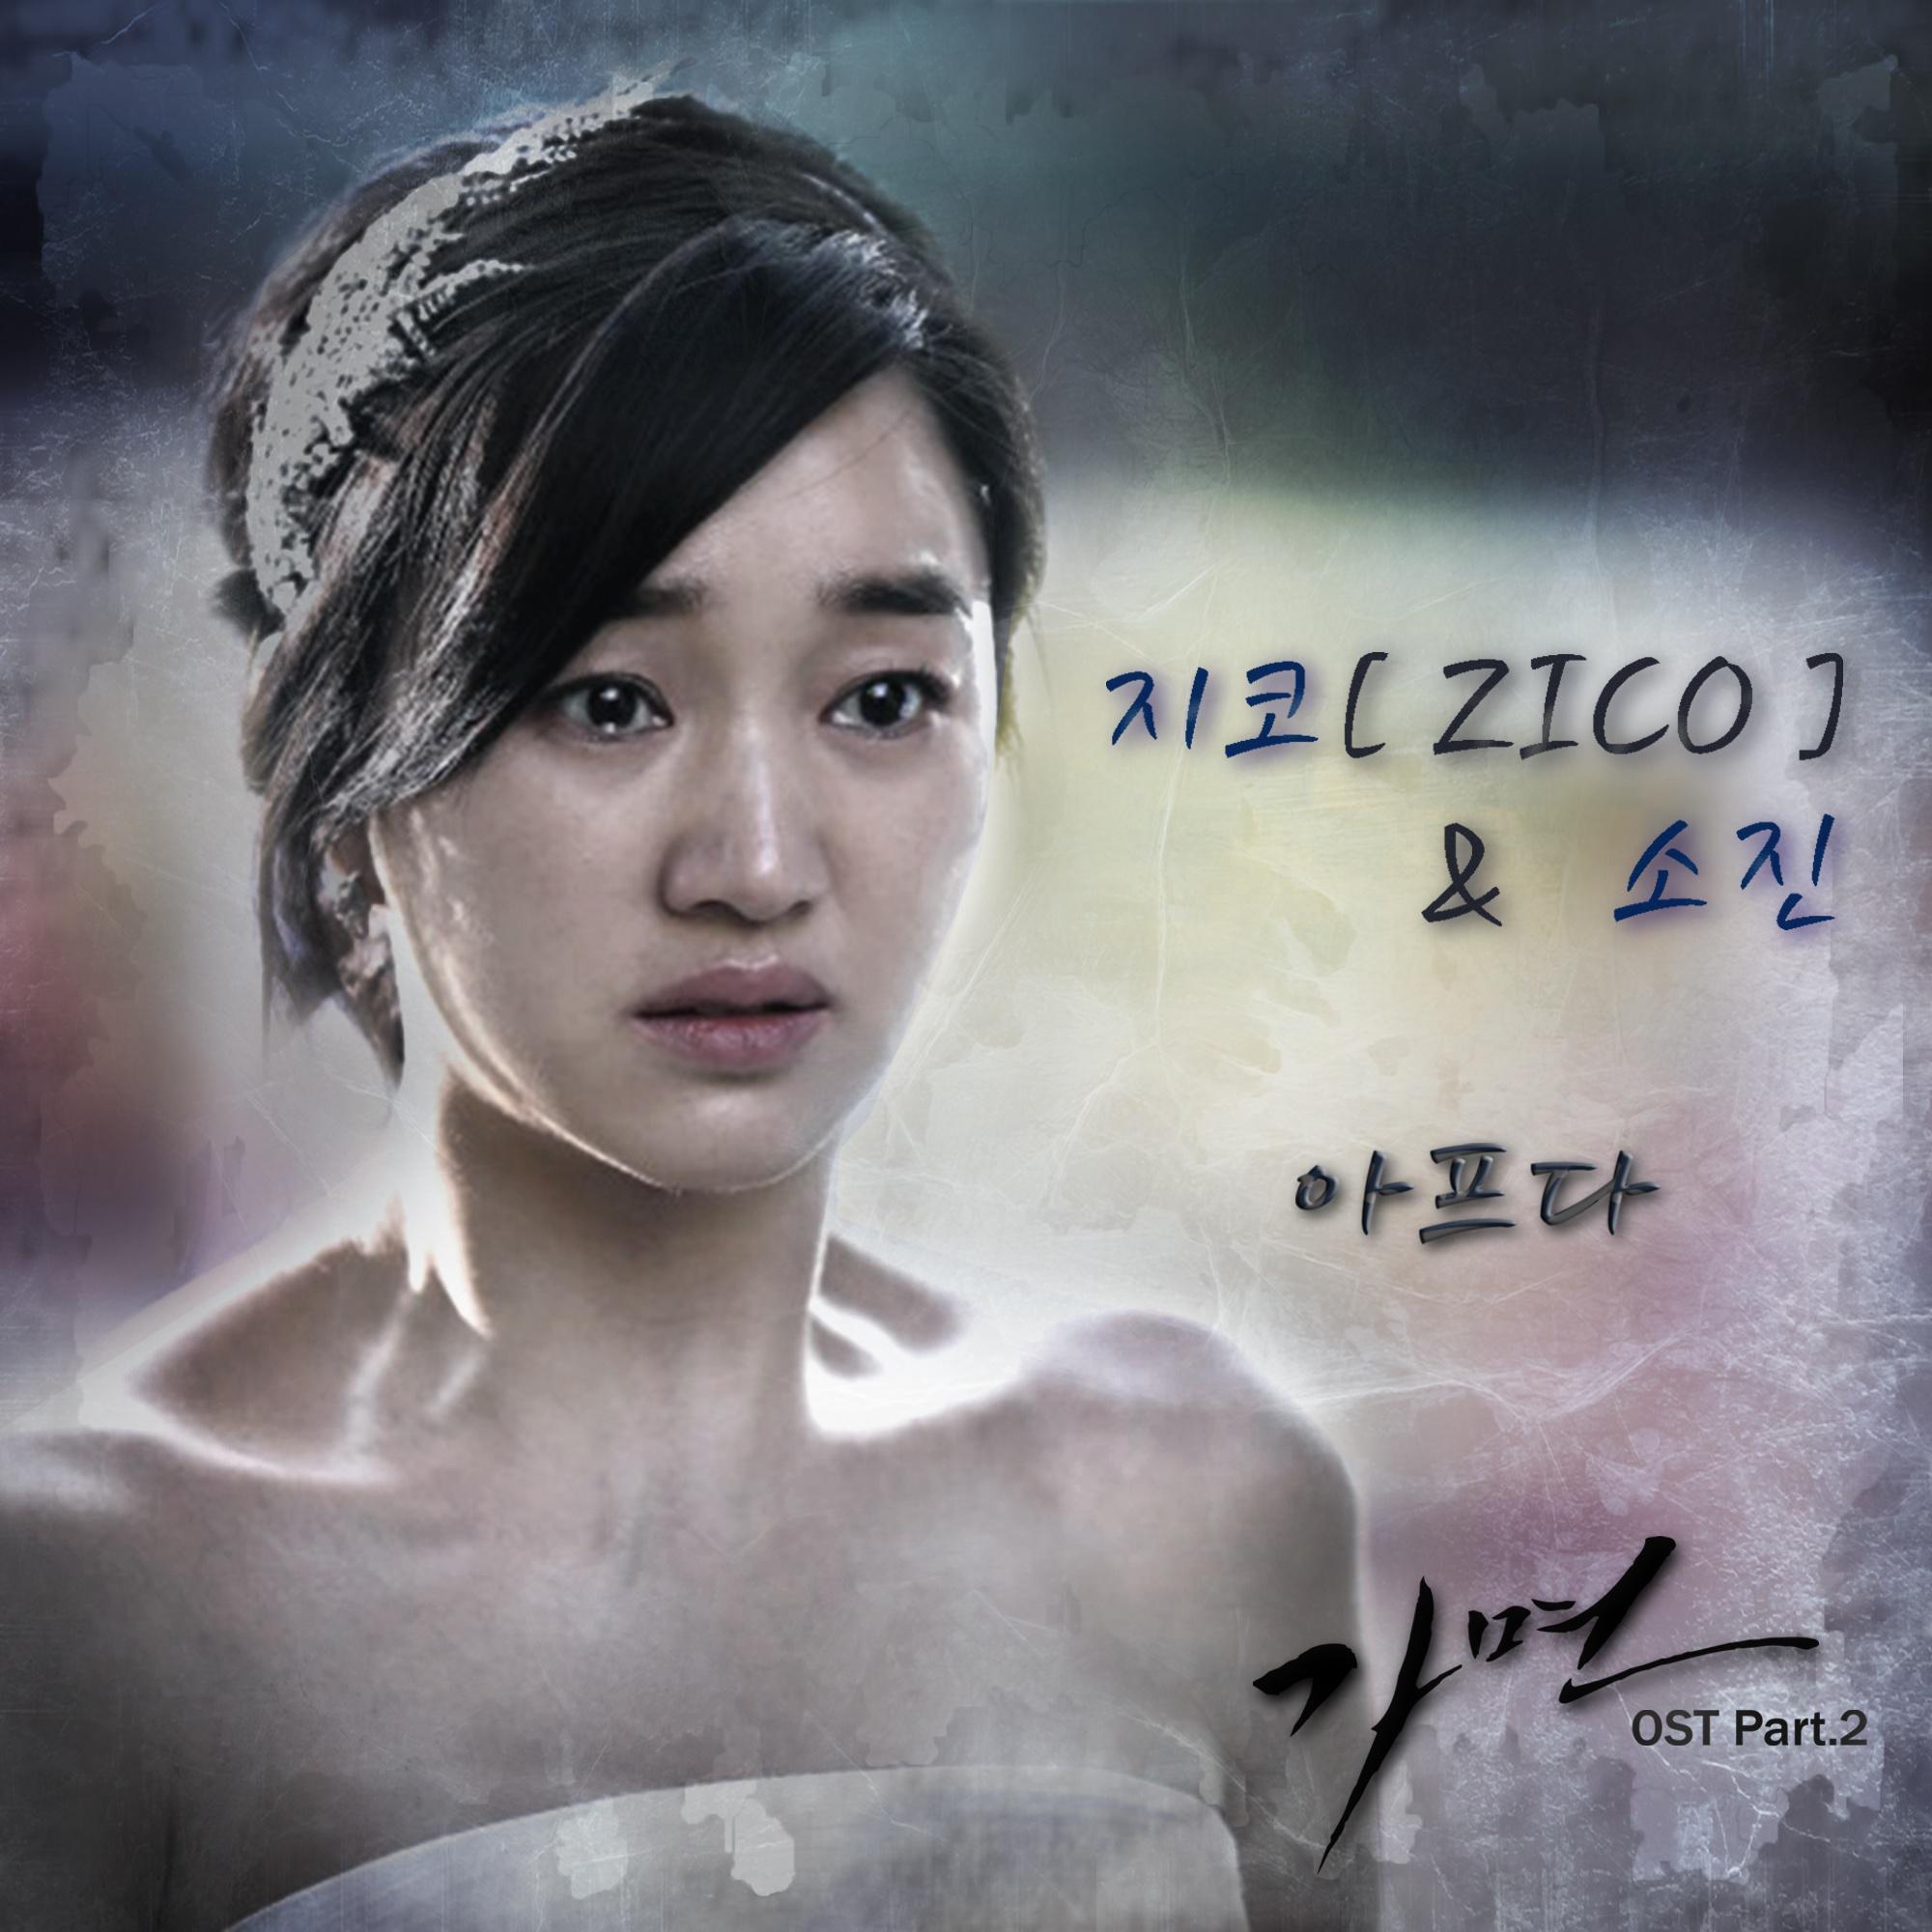 가면 OST Part.2